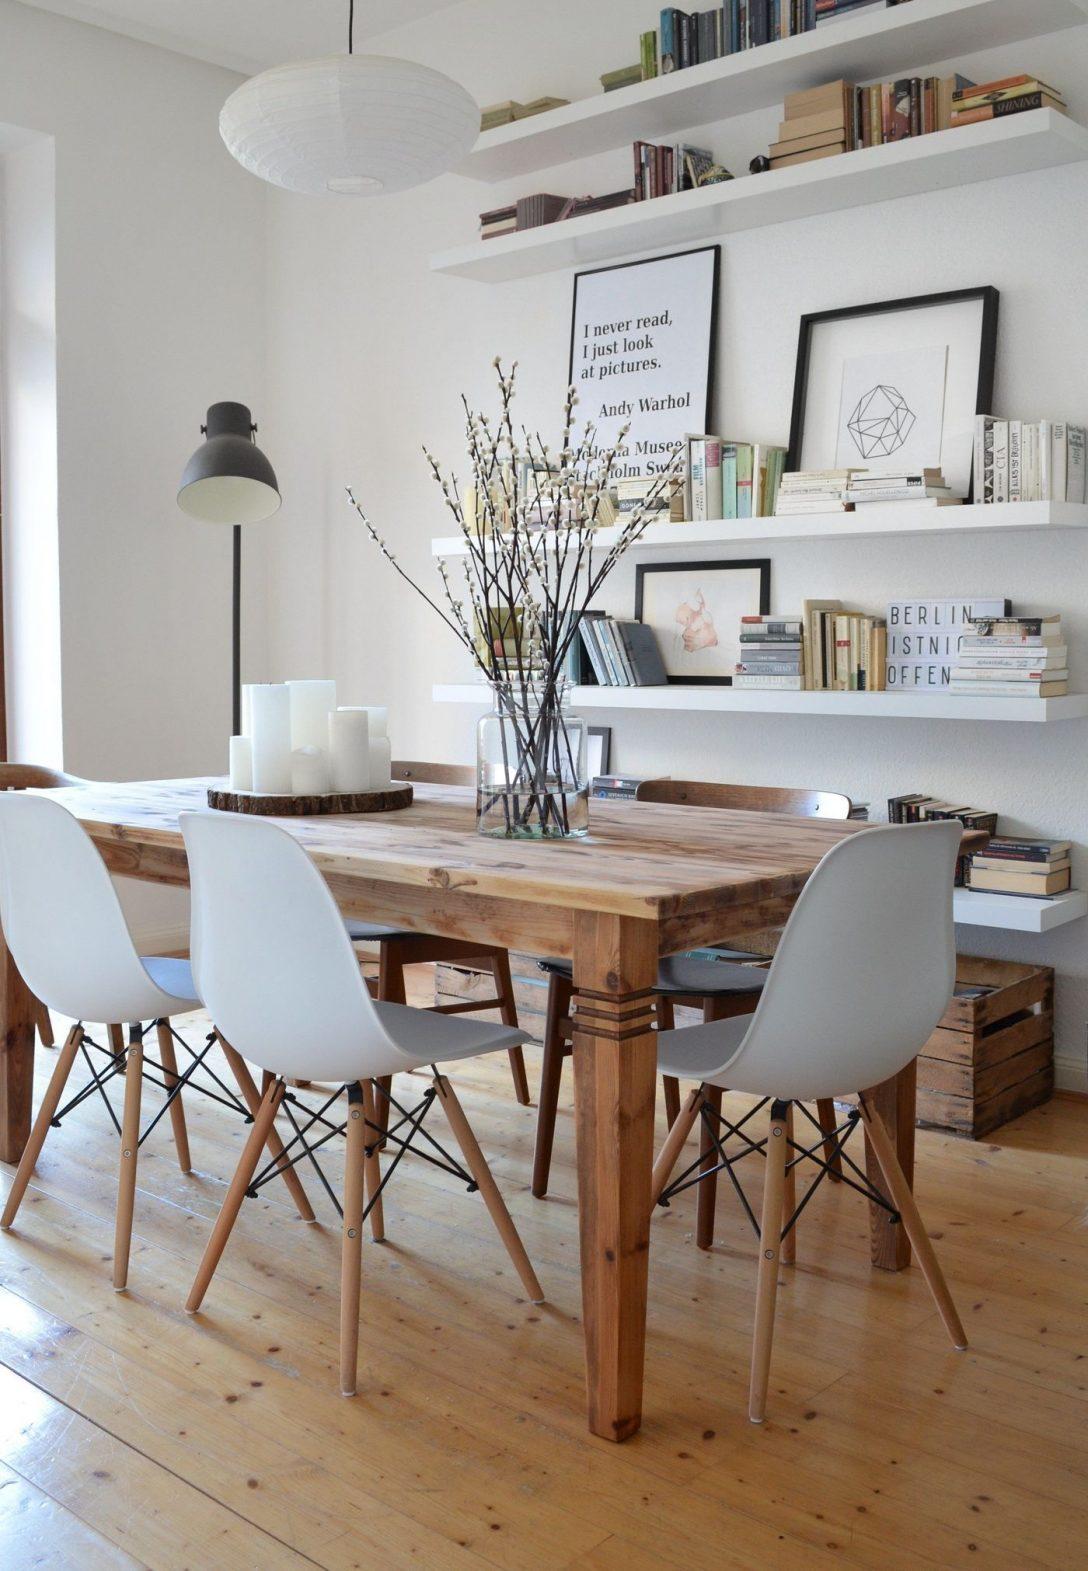 Large Size of Ikea Küche Kosten Kaufen Sofa Mit Schlaffunktion Miniküche Betten 160x200 Bei Modulküche Stehlampen Wohnzimmer Wohnzimmer Ikea Stehlampen